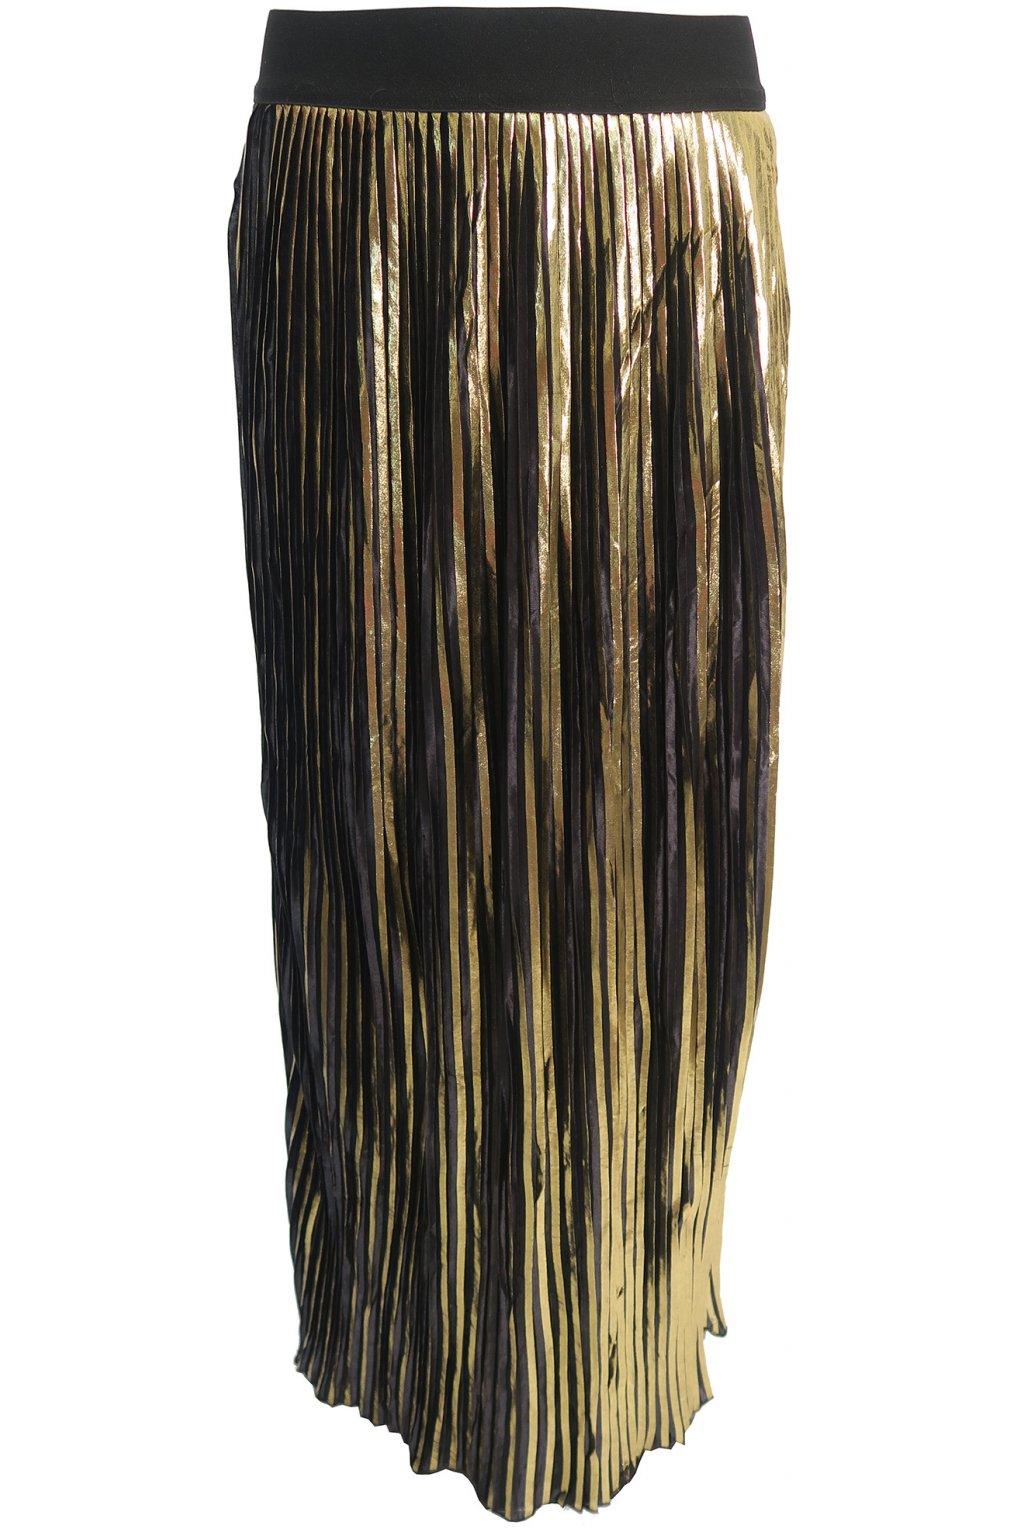 Zlatá sukně s černými pruhy Pimkie